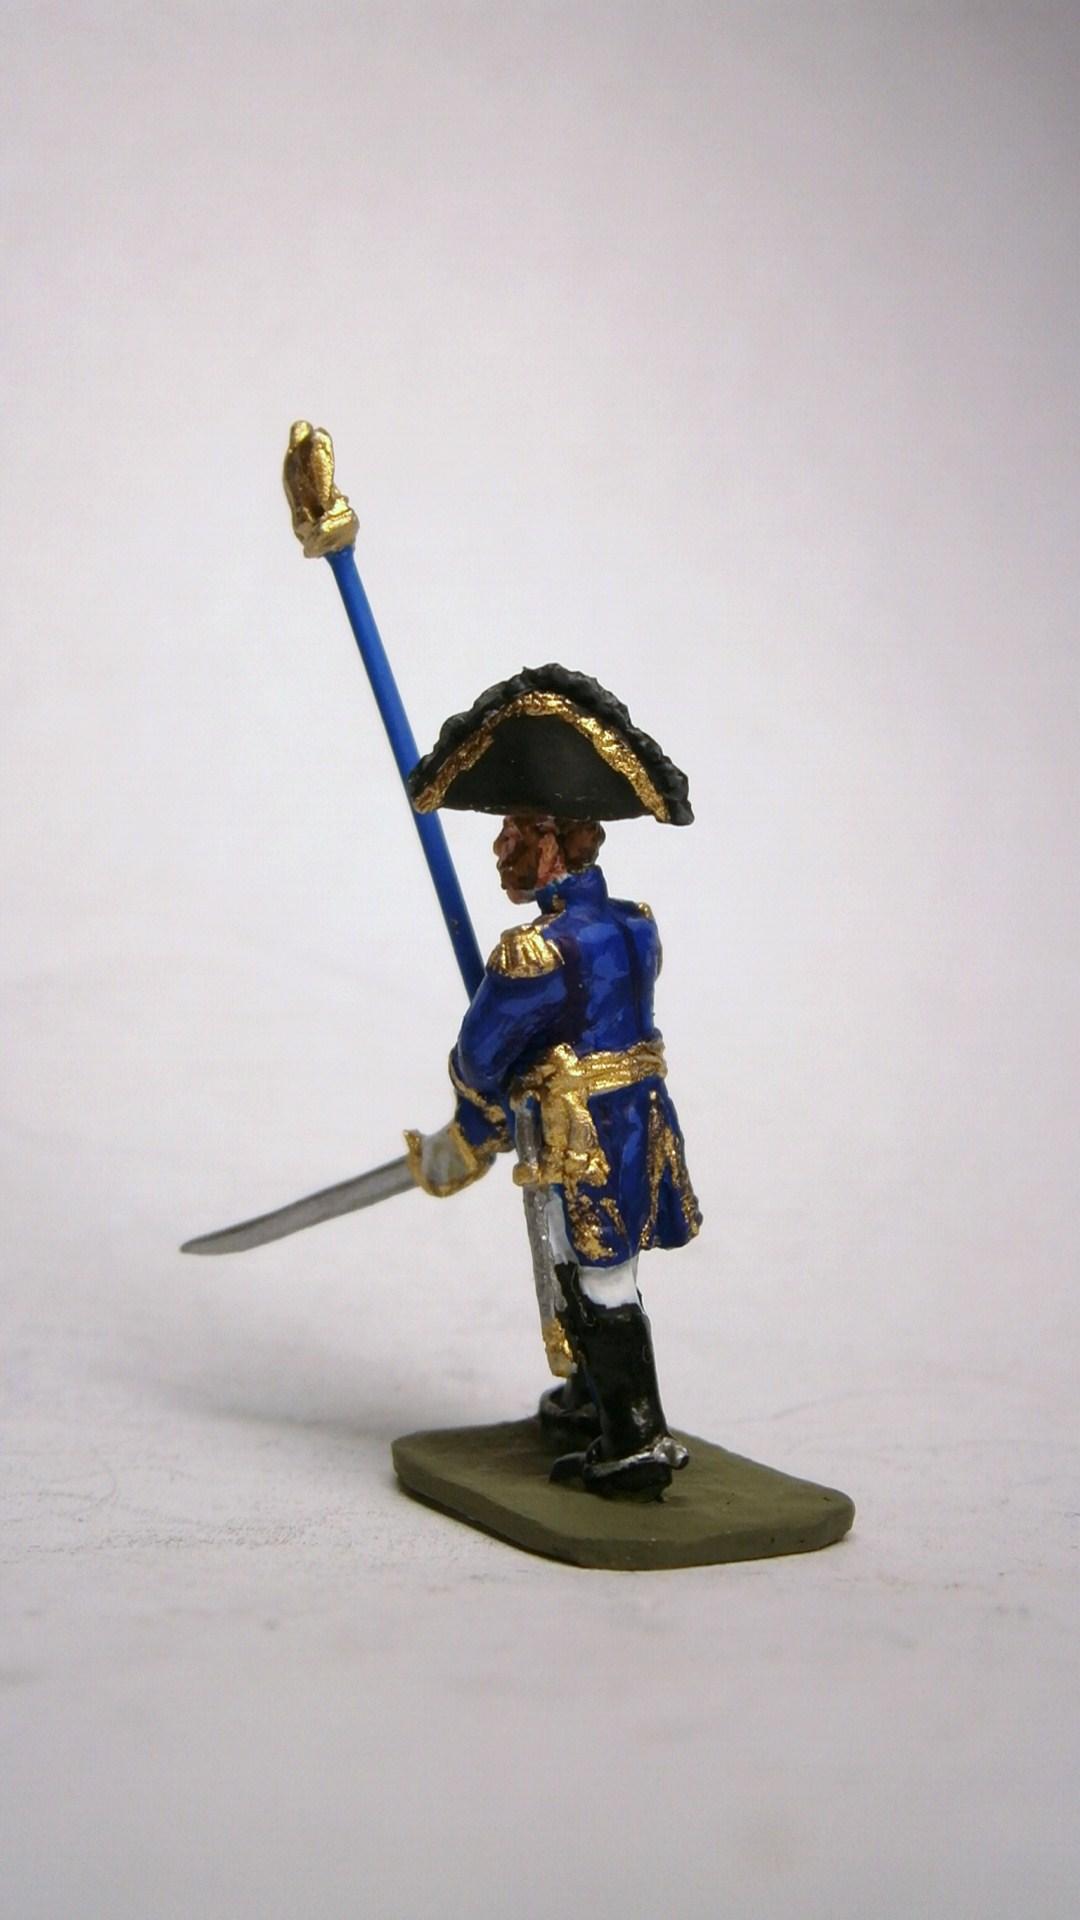 MC003 Général Cambronne défendant l'aigle /General verteidigt Adler (General Cambronne)